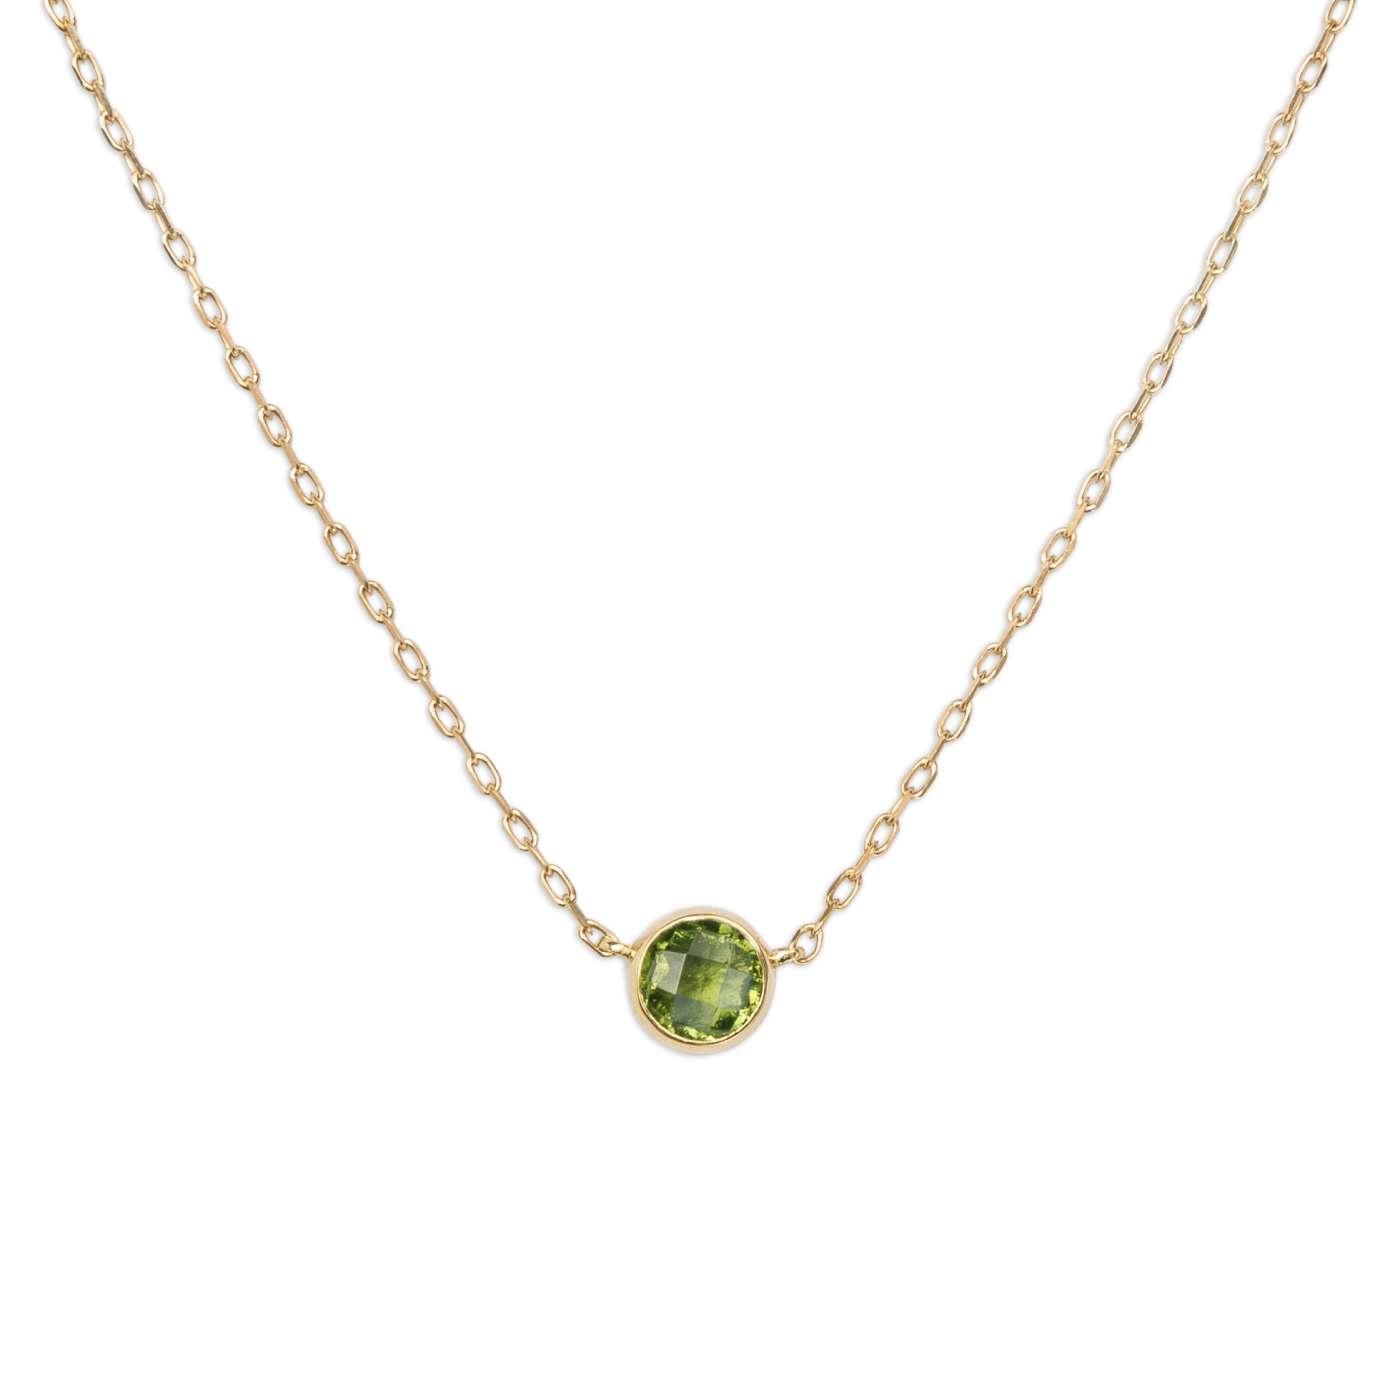 Zlatý náhrdelník svltavínem